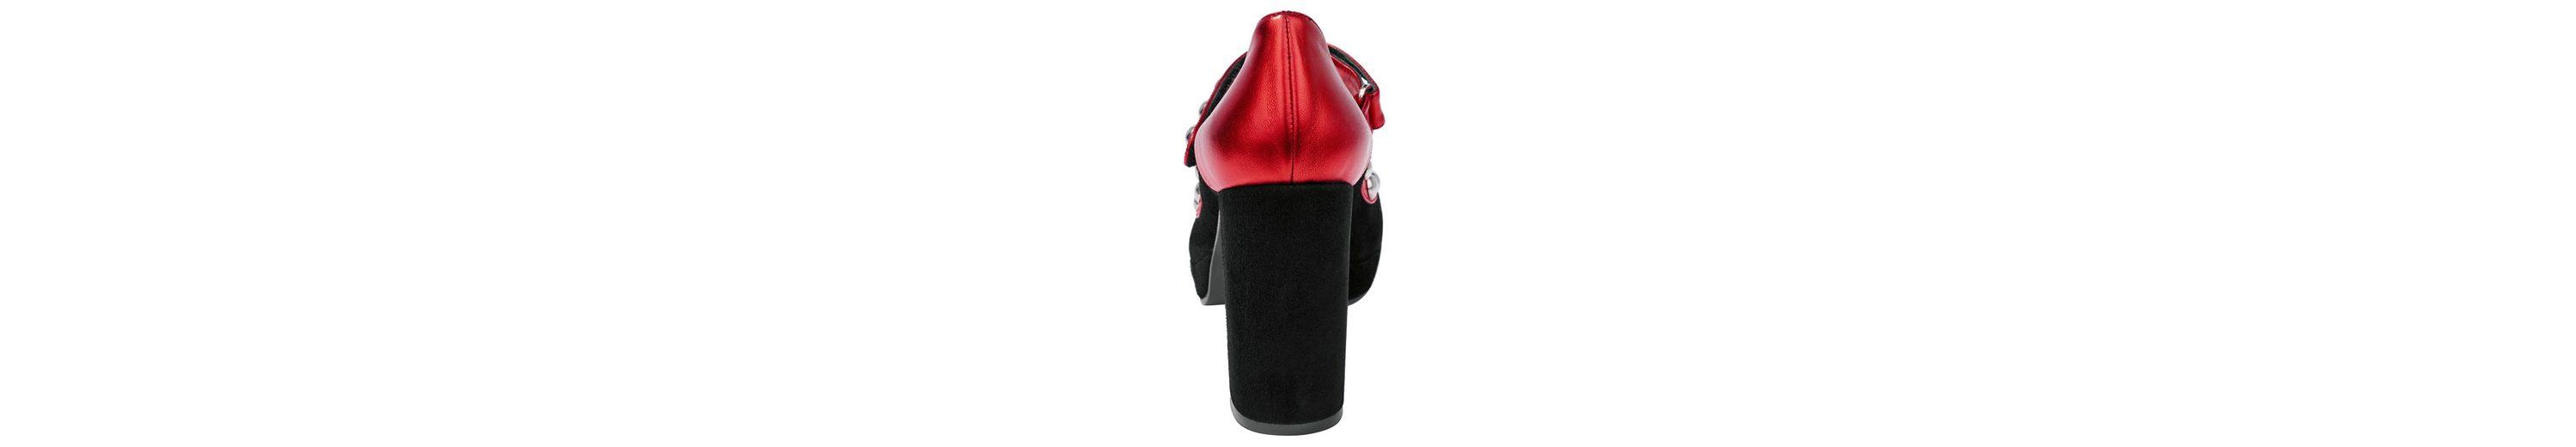 Vorbestellung Günstig Online Billig Verkaufen Mode Heine Pumps mit Nieten Kaufen Billige Angebote In Deutschland Verkauf Online cICN1aoXQ